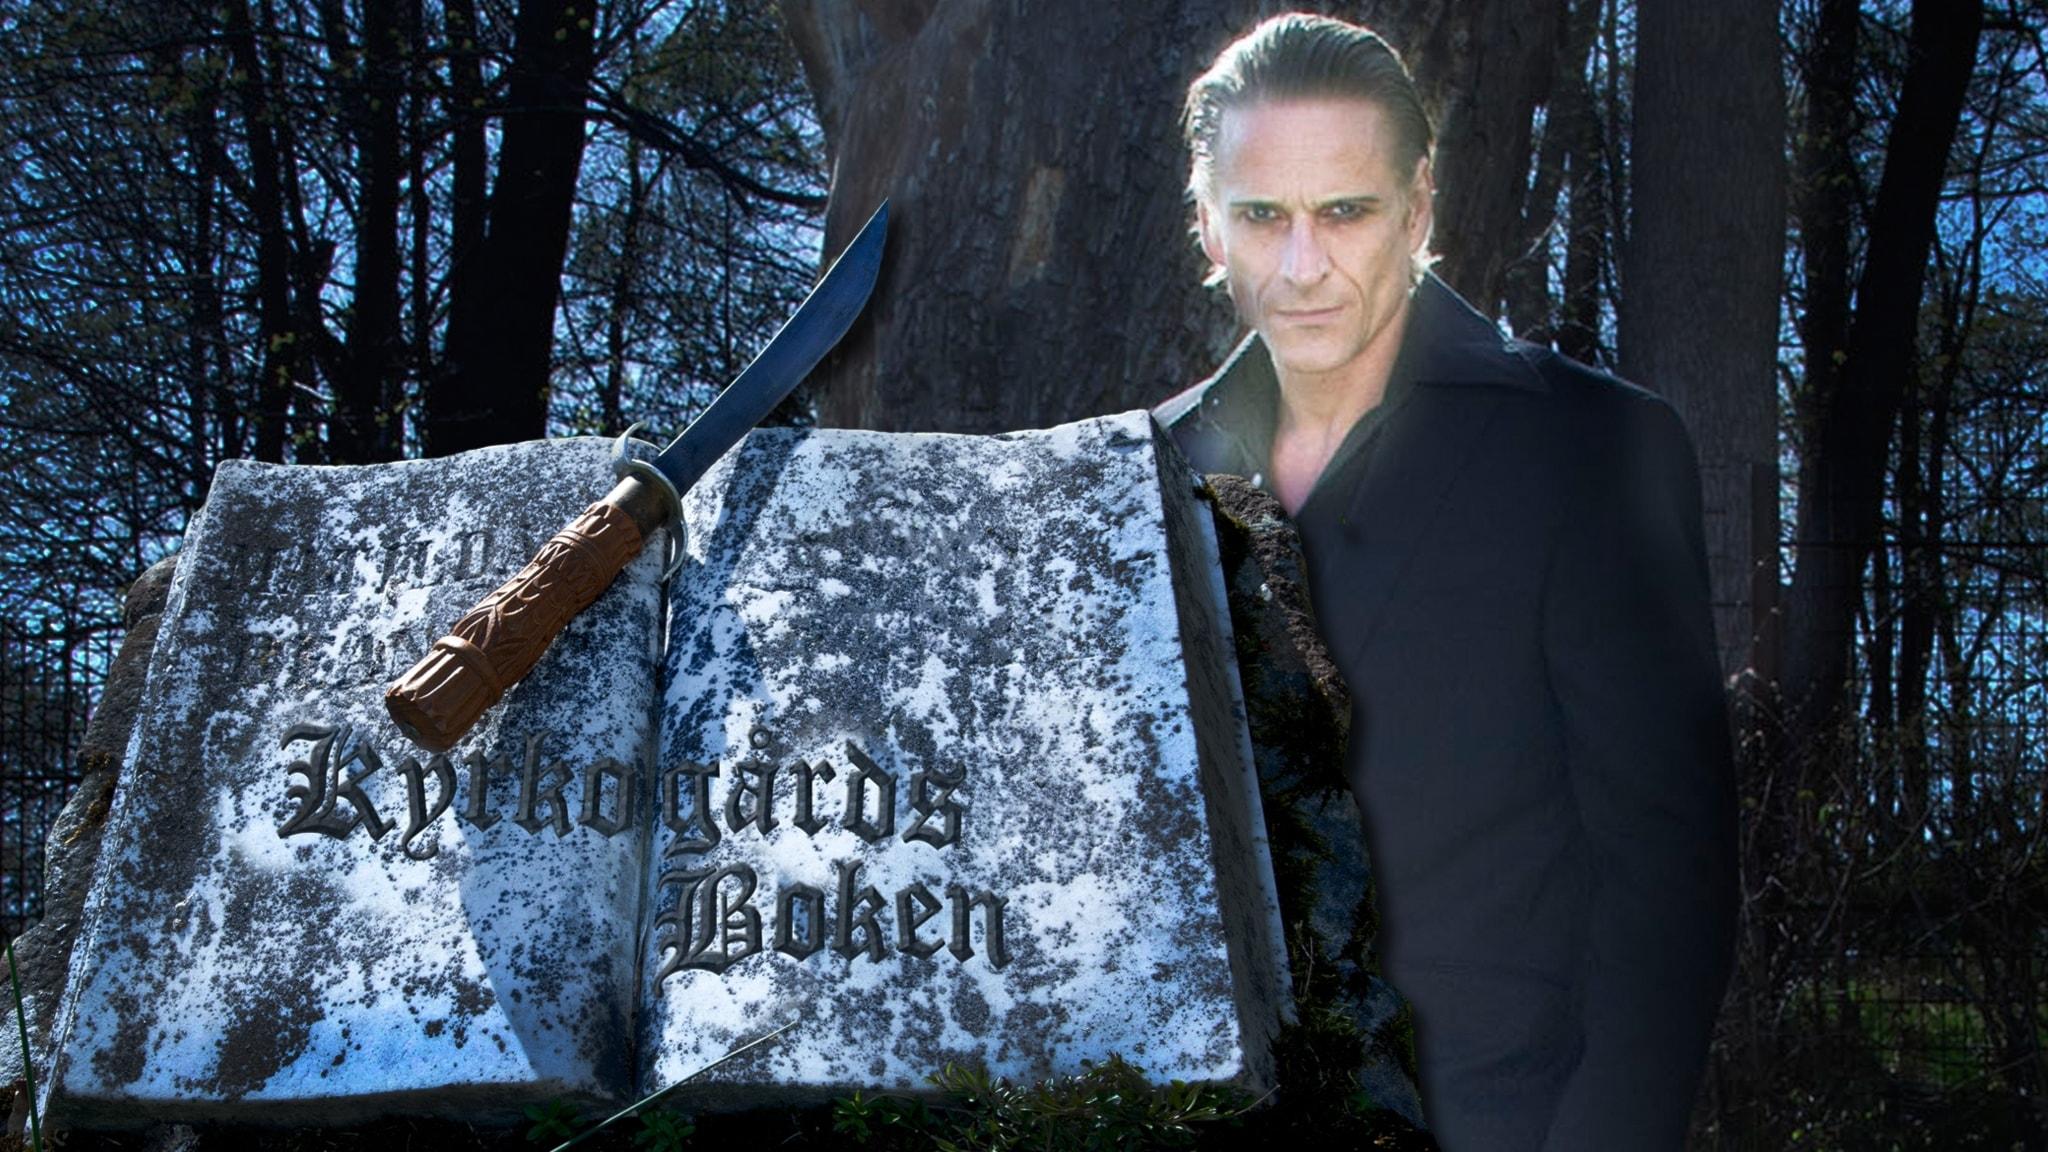 Kyrkogårdsboken: del 4 av 8 - spela